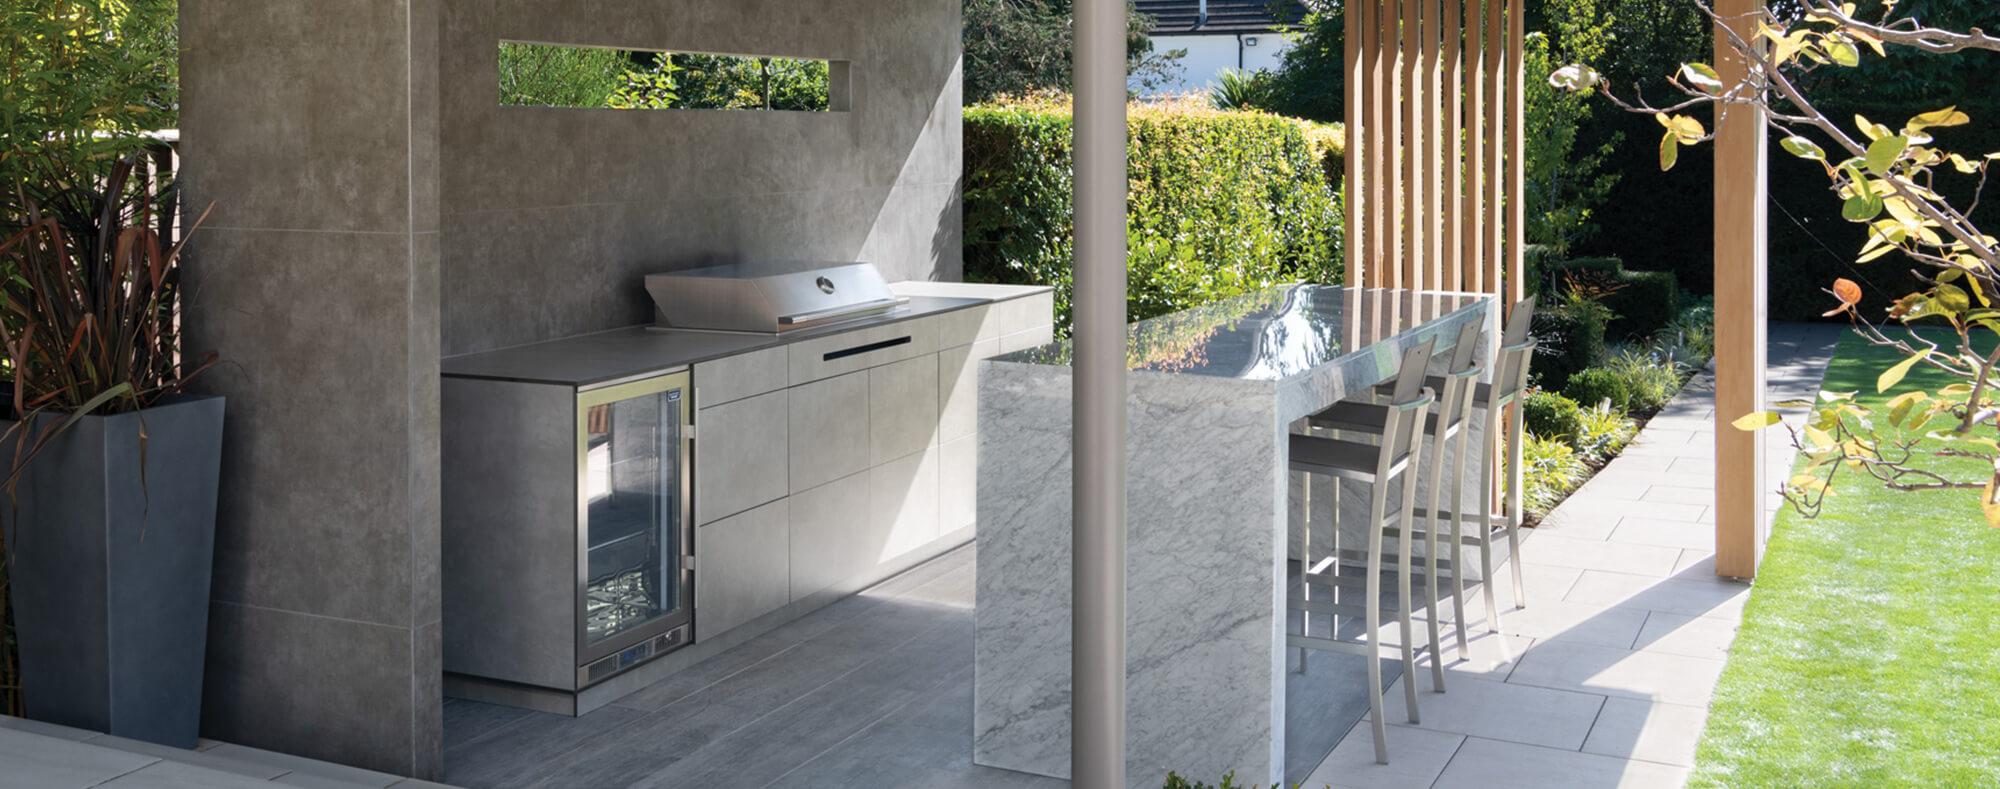 Luxury concrete outdoor kitchen